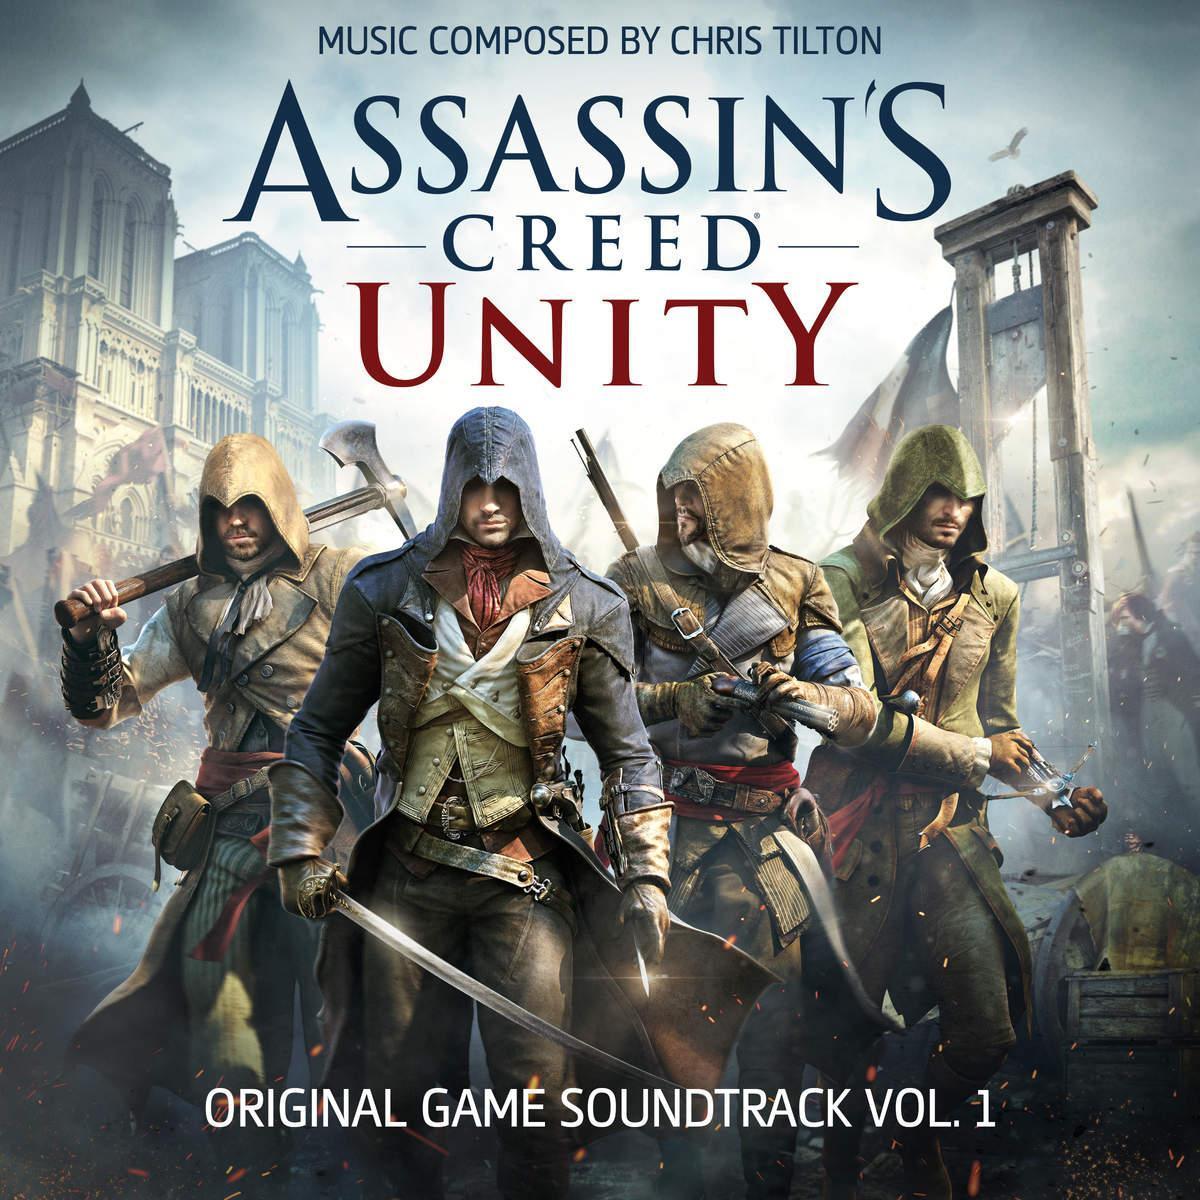 Assassins_Creed-Unity-Original_Game_Soundtrack_Vol._1__cover1200x1200.jpg